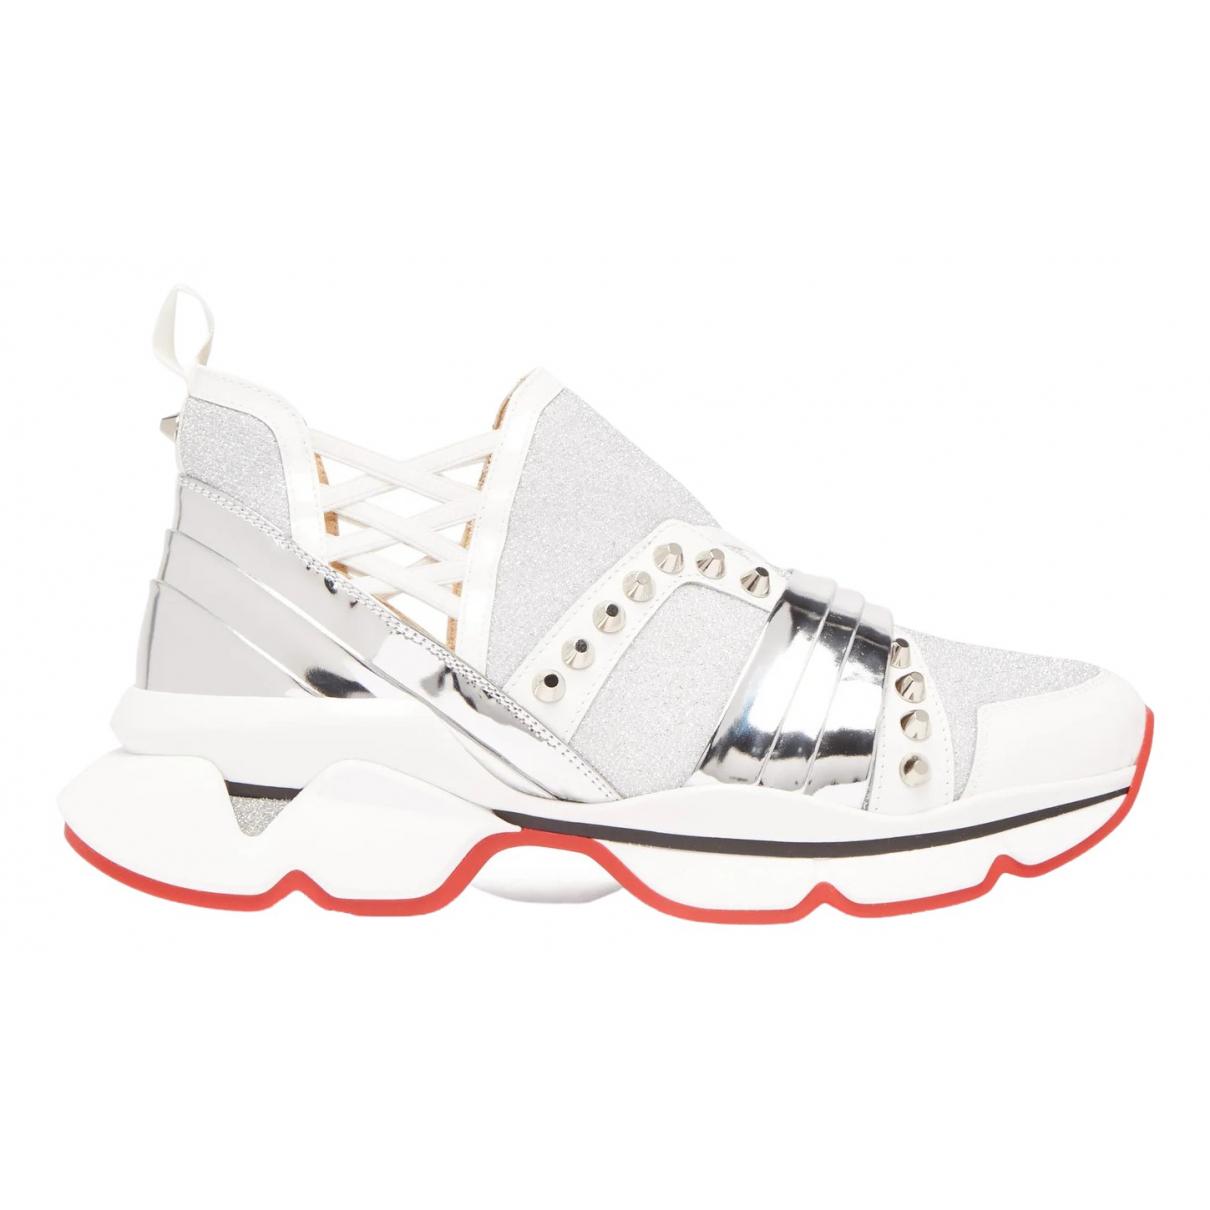 Christian Louboutin - Baskets Red Runner Donna Glitter Sunset pour femme en toile - blanc